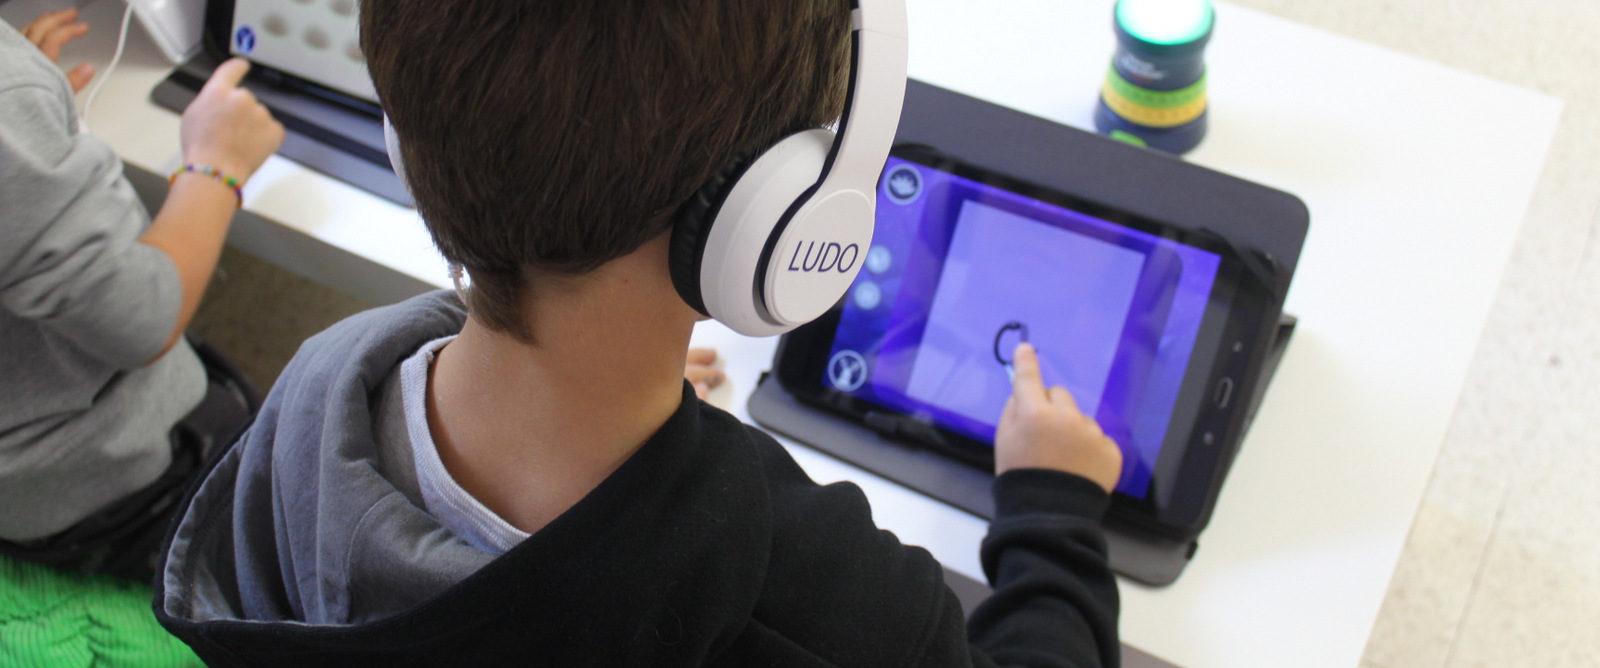 LUDO est une étude grandeur nature de l'efficacité de la  suite de jeux Kalulu